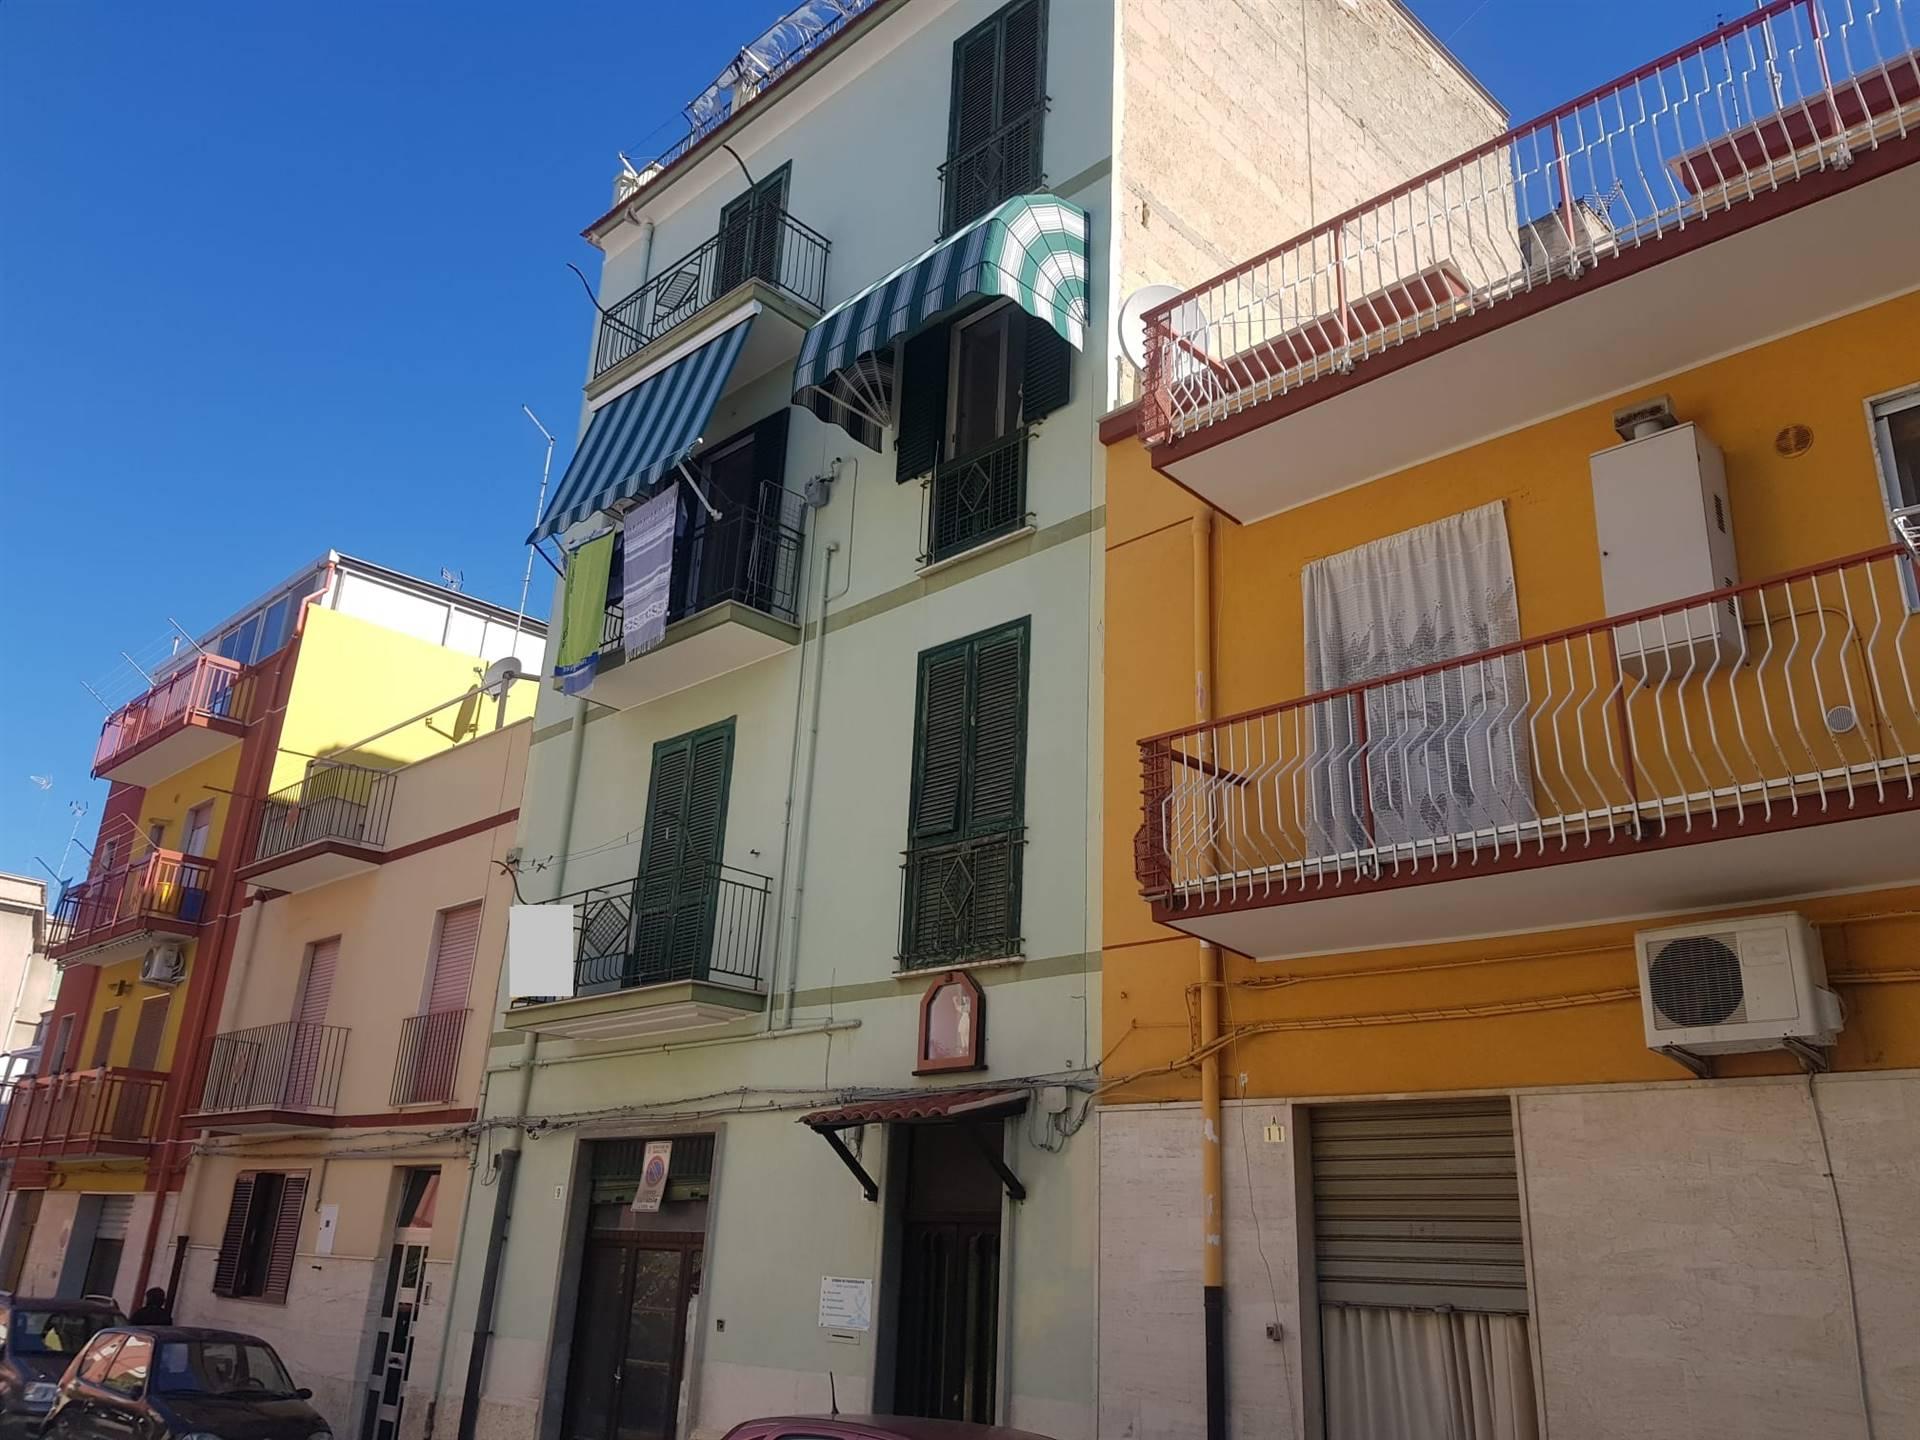 Appartamento in vendita a Barletta, 3 locali, prezzo € 75.000 | CambioCasa.it